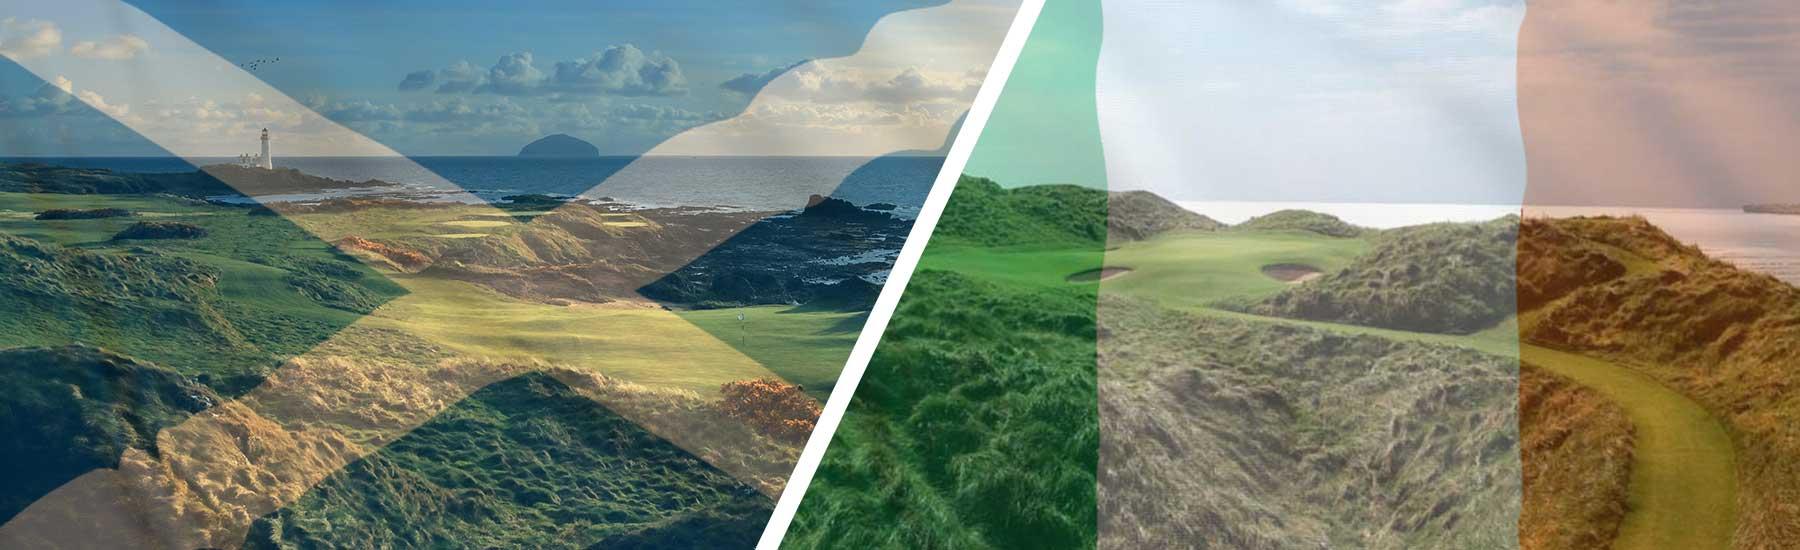 Scotland vs Ireland: Which is the best golf destination?